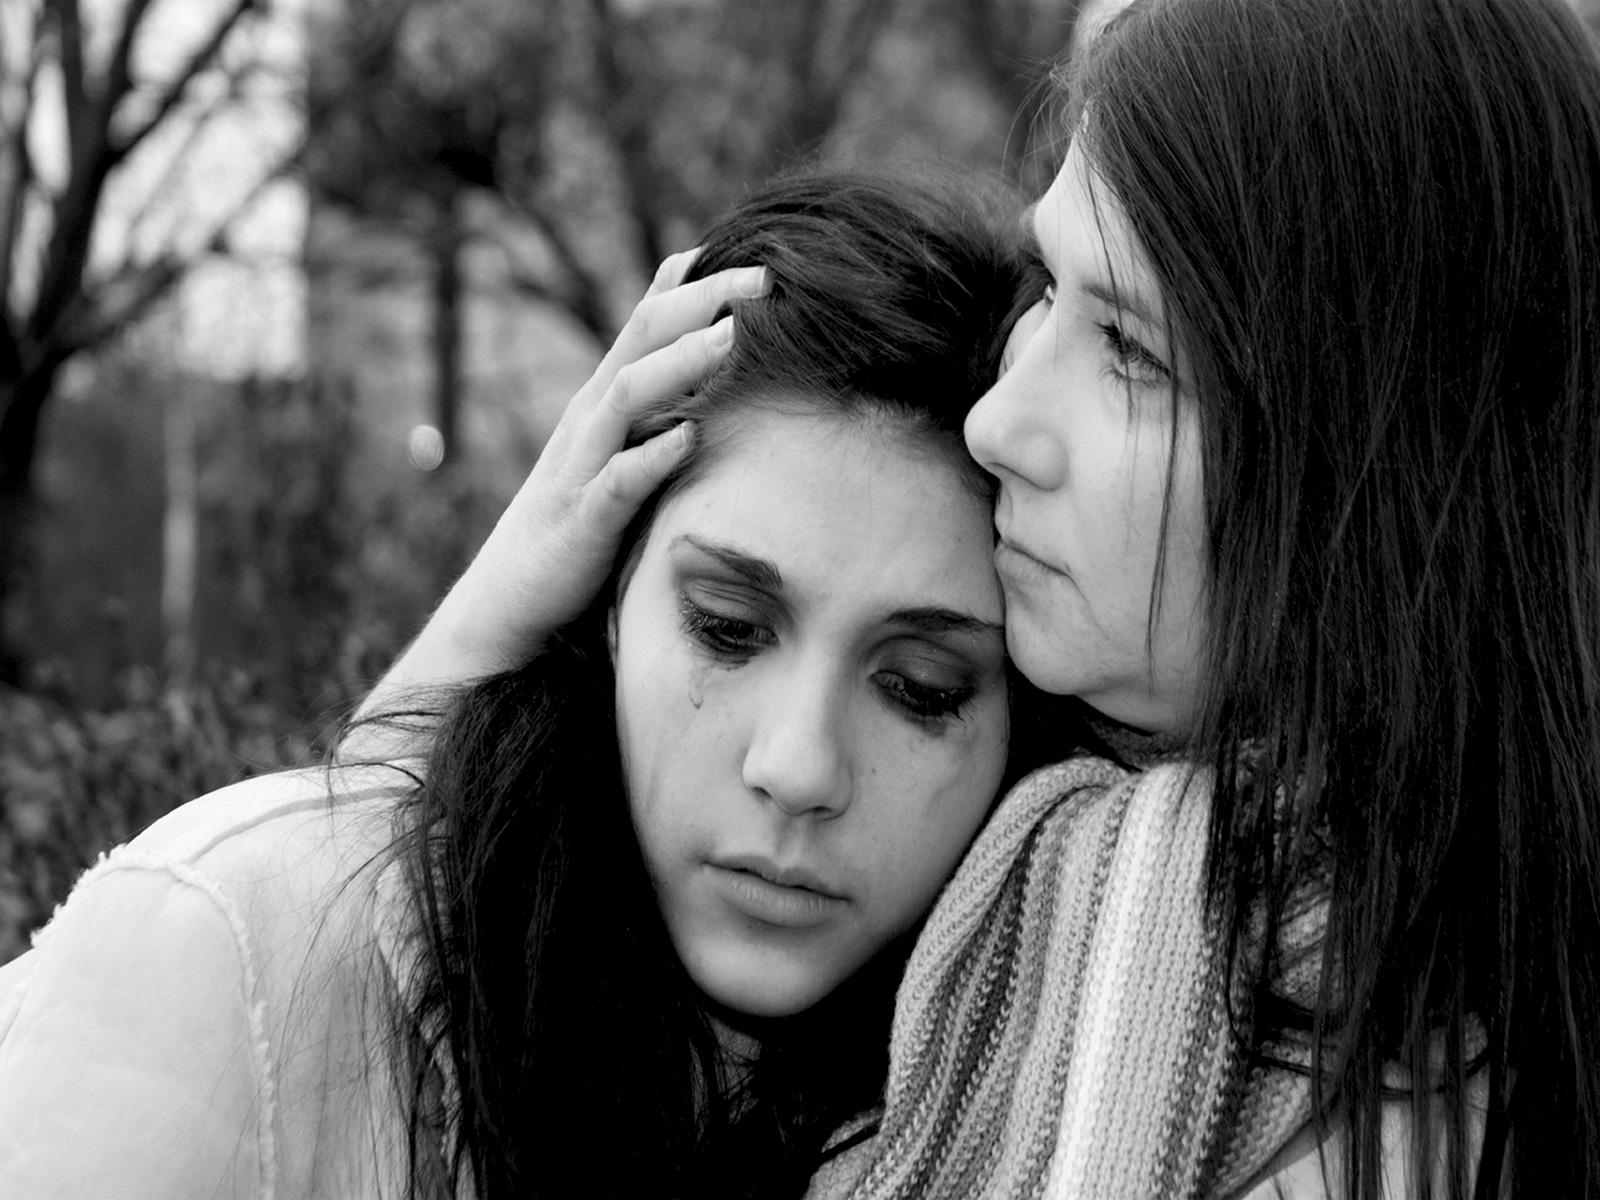 teen suicide image